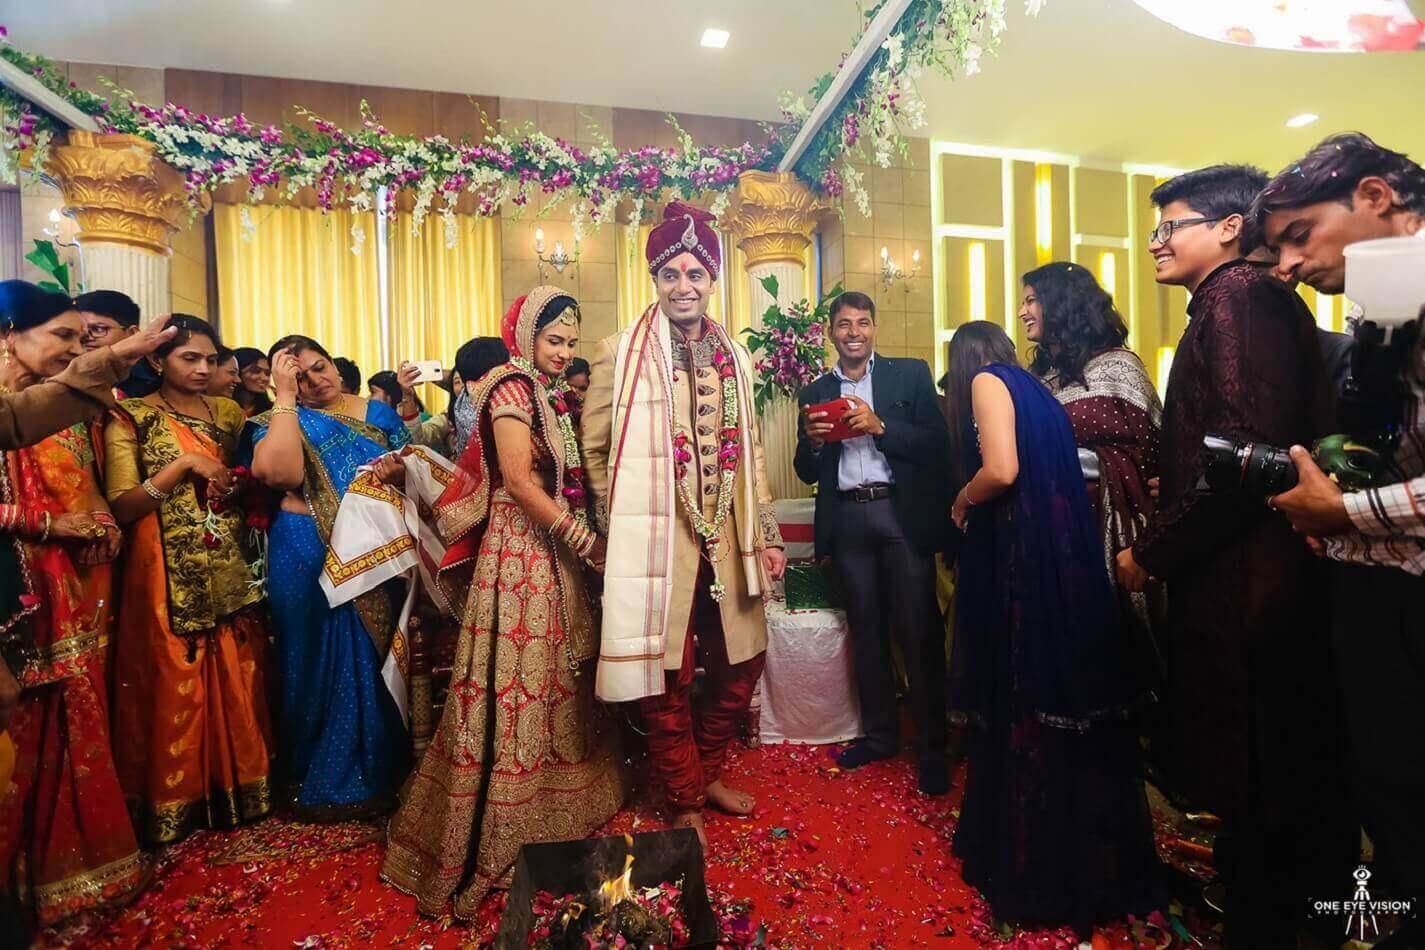 Бракосочетание Индийской свадьбы